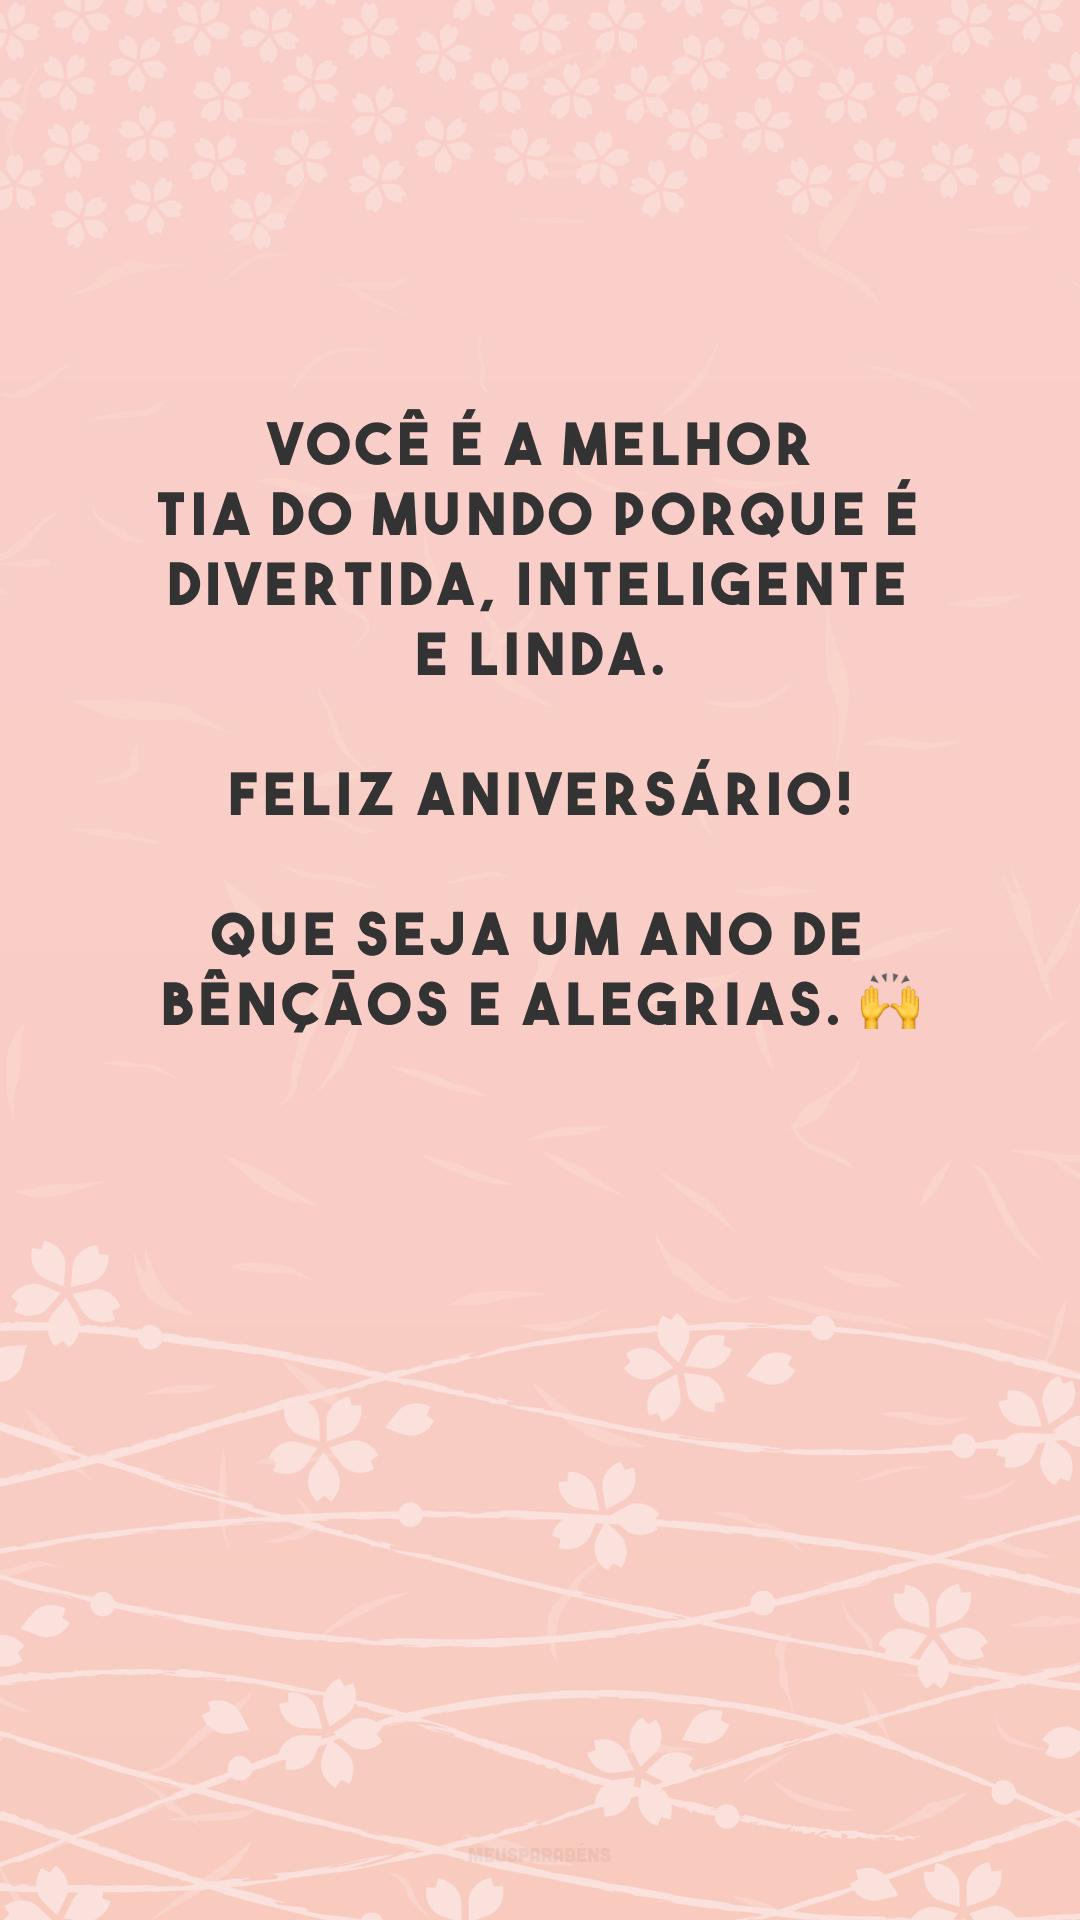 Você é a melhor tia do mundo porque é divertida, inteligente e linda. Feliz aniversário! Que seja um ano de bênçãos e alegrias. 🙌